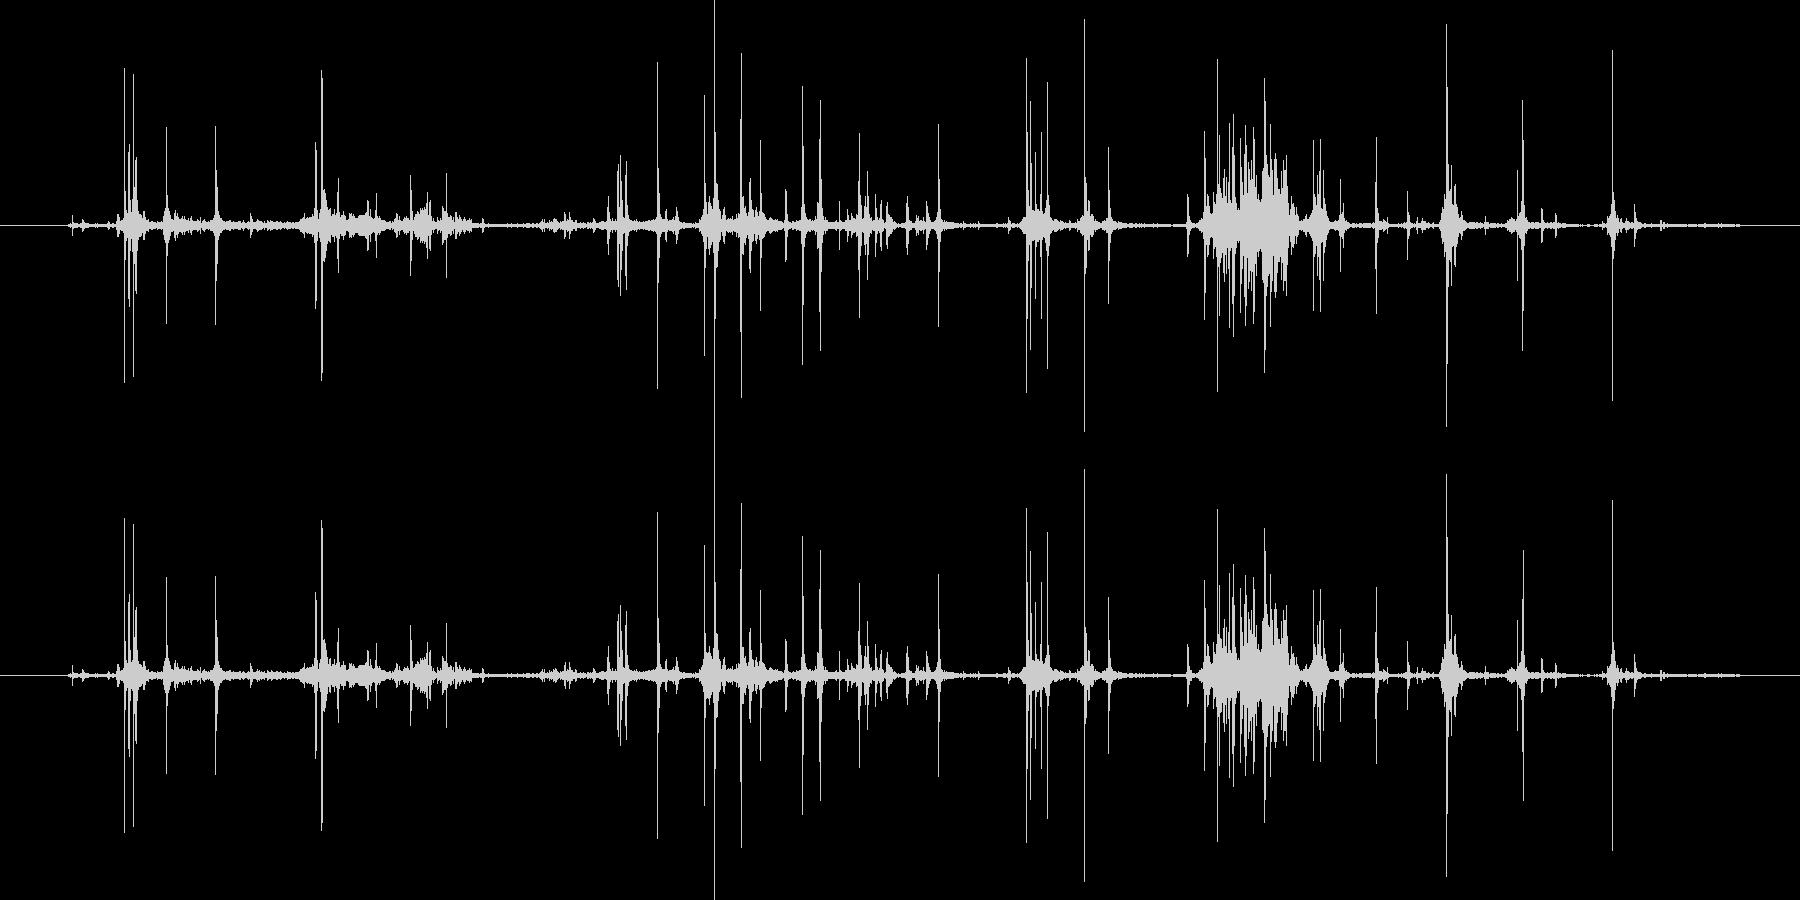 カシャカシャとお菓子の袋を開ける音の未再生の波形